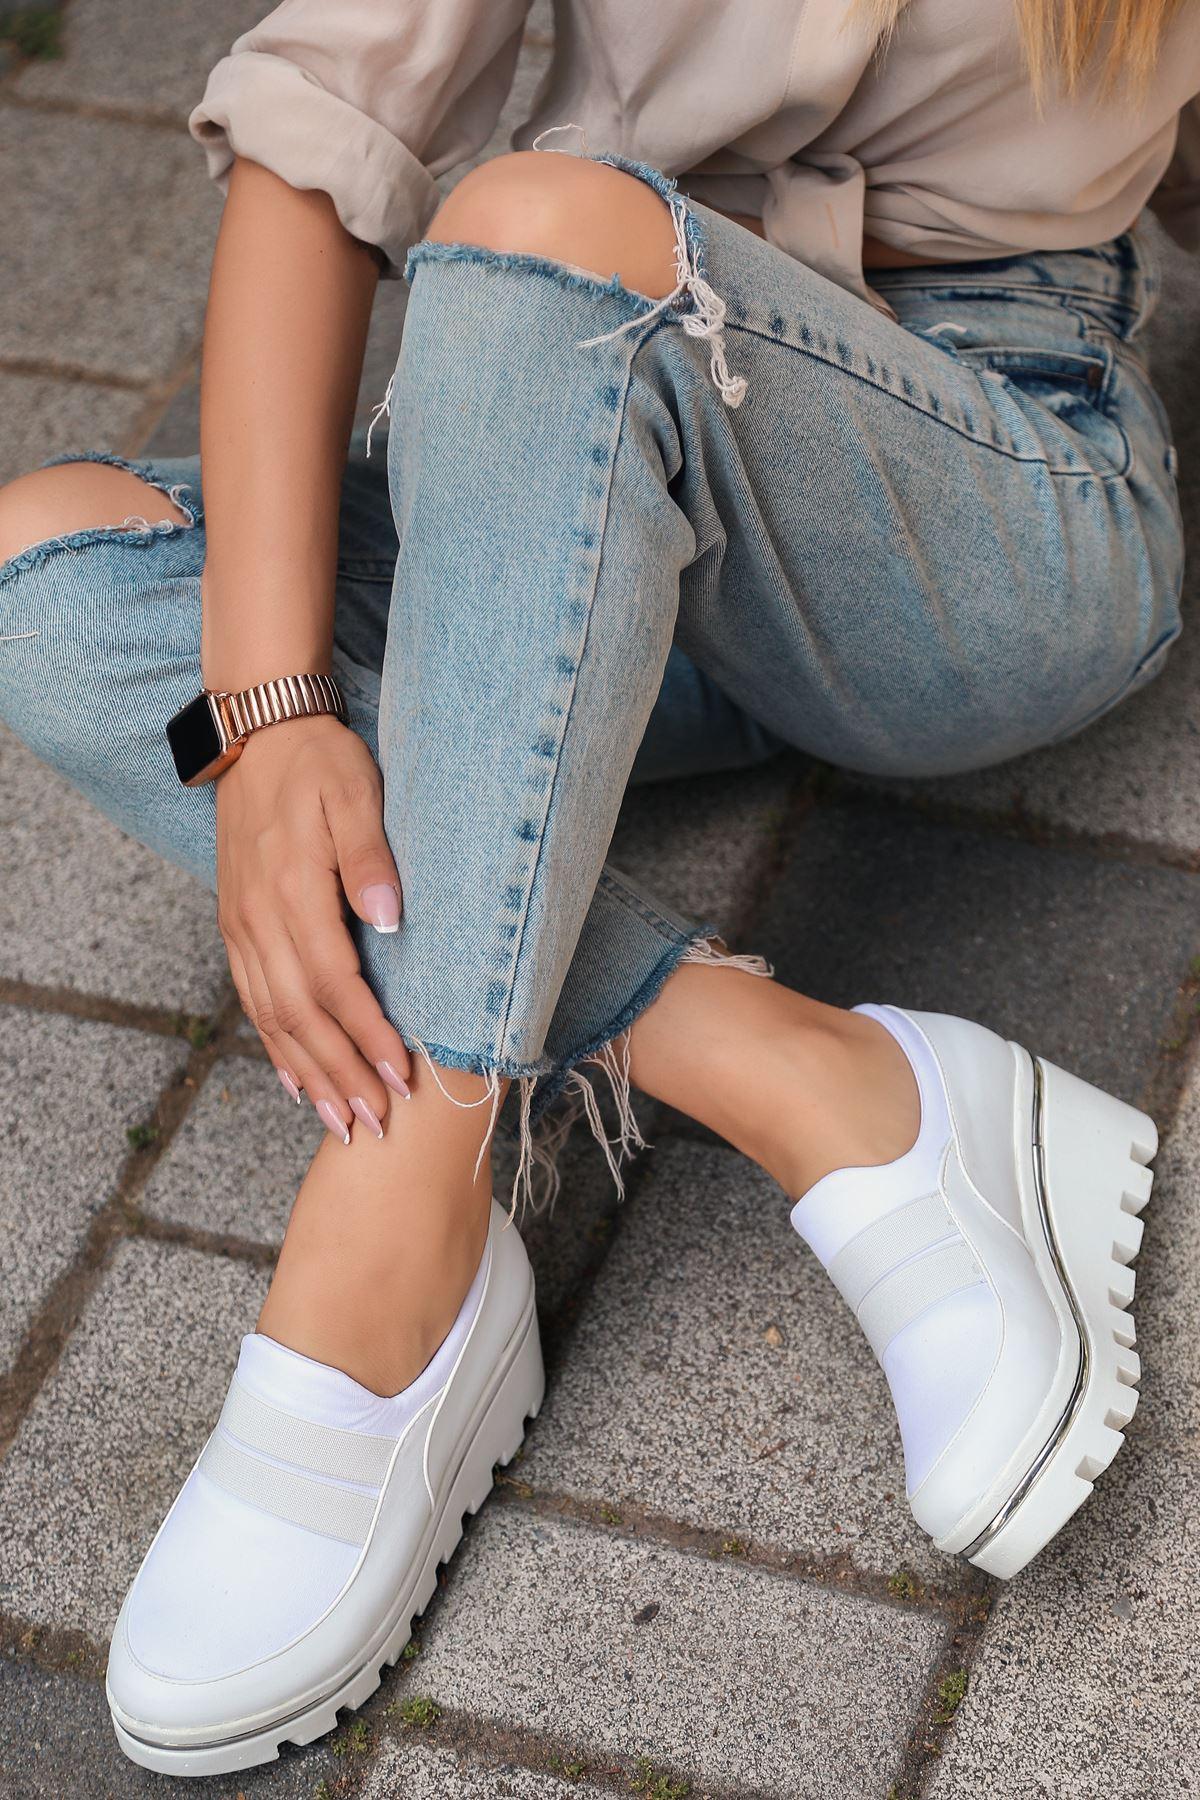 Bratz Lastik Dolgu Topuk Beyaz Kadın Ayakkabı